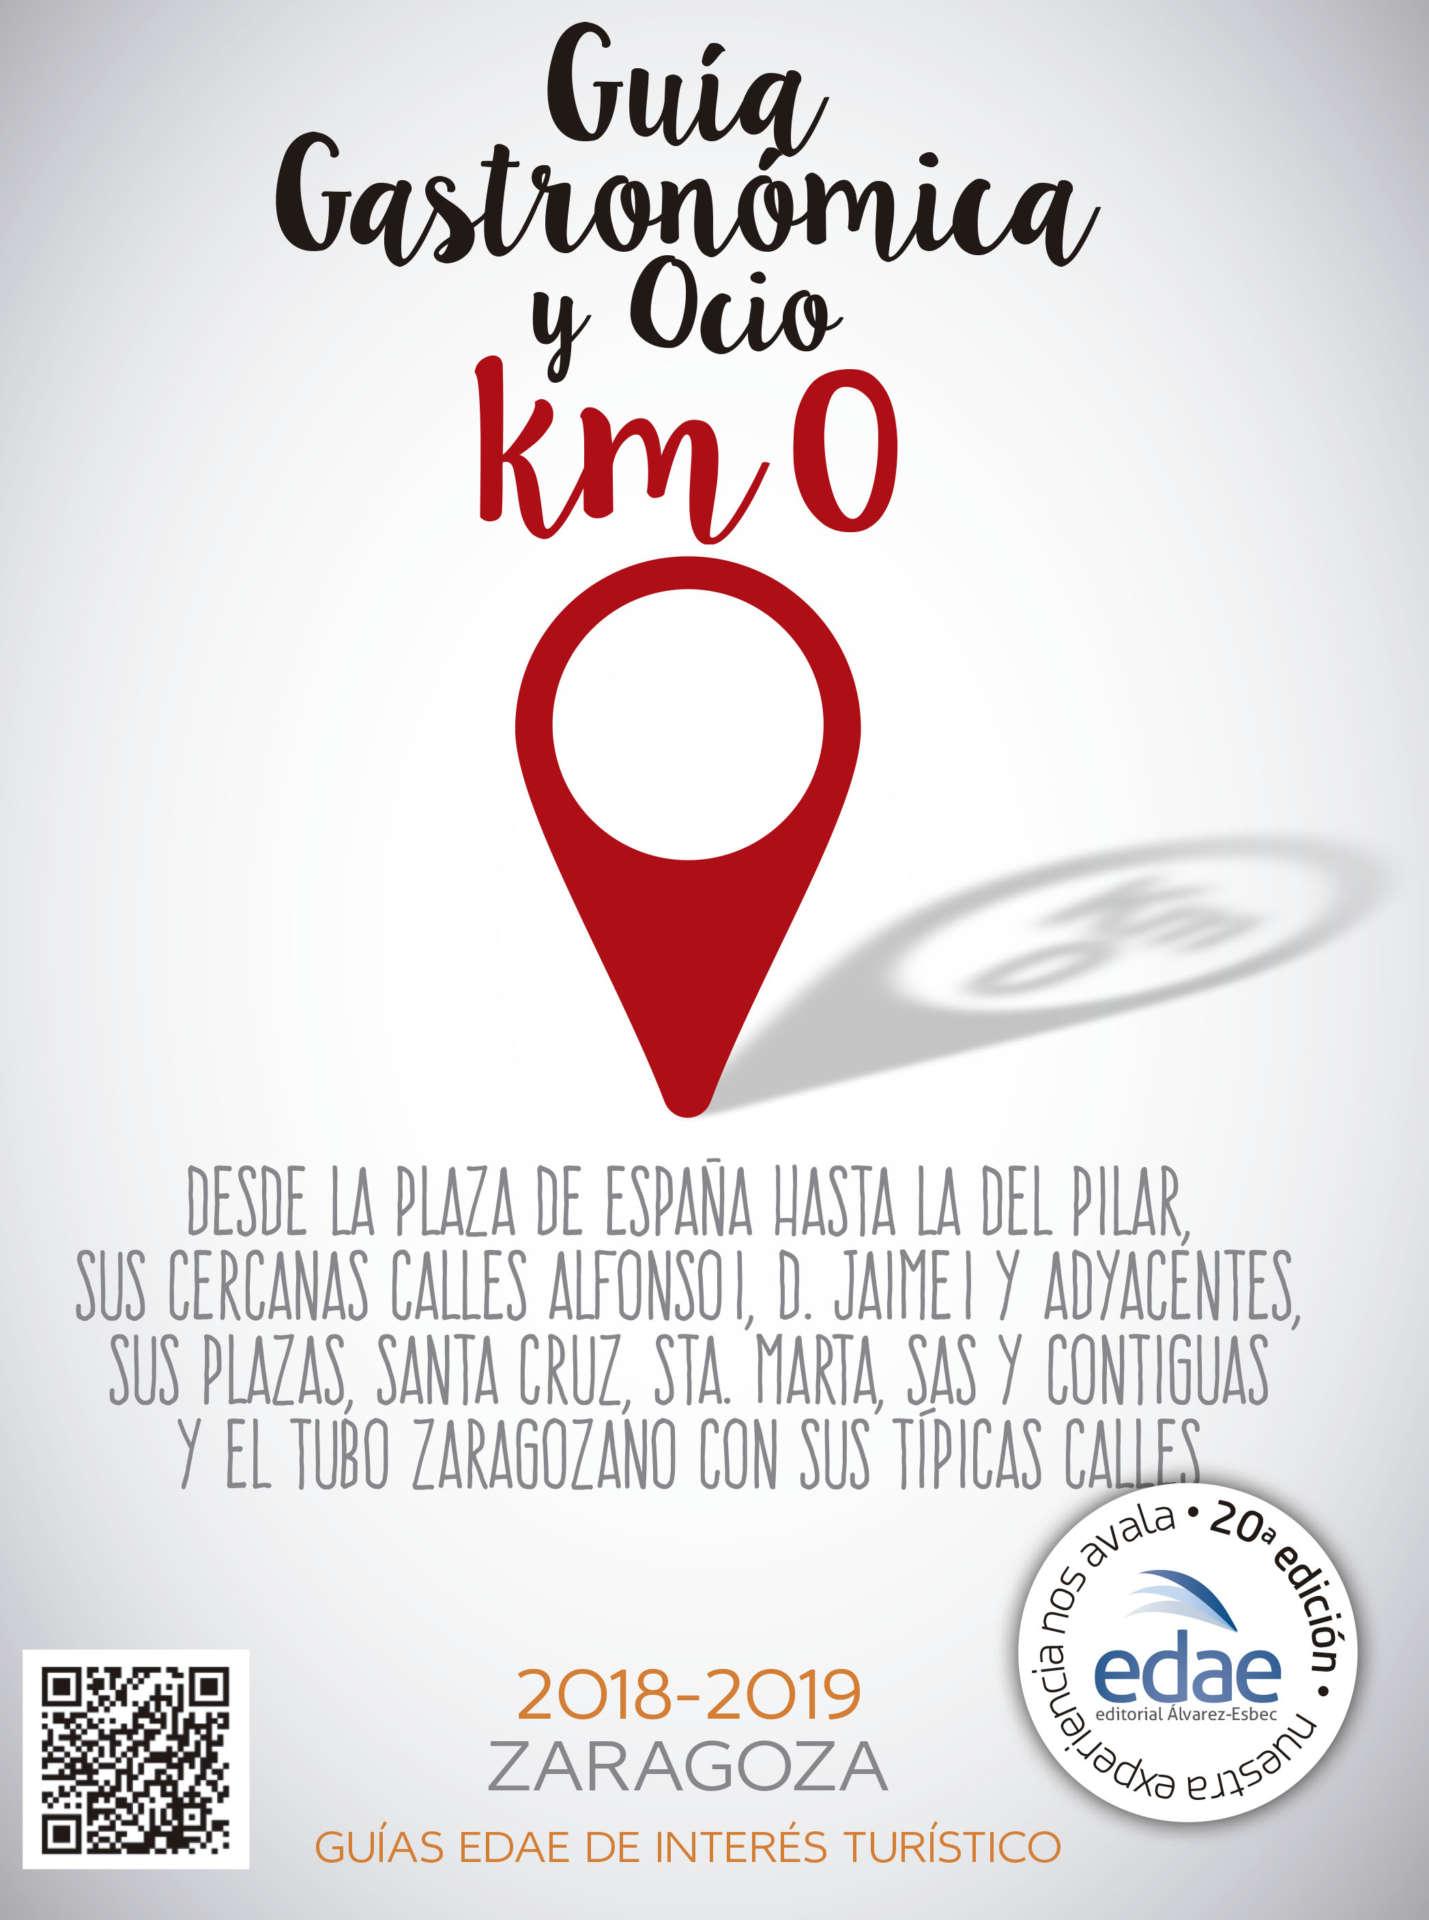 guía gastronómica de Zaragoza km 0